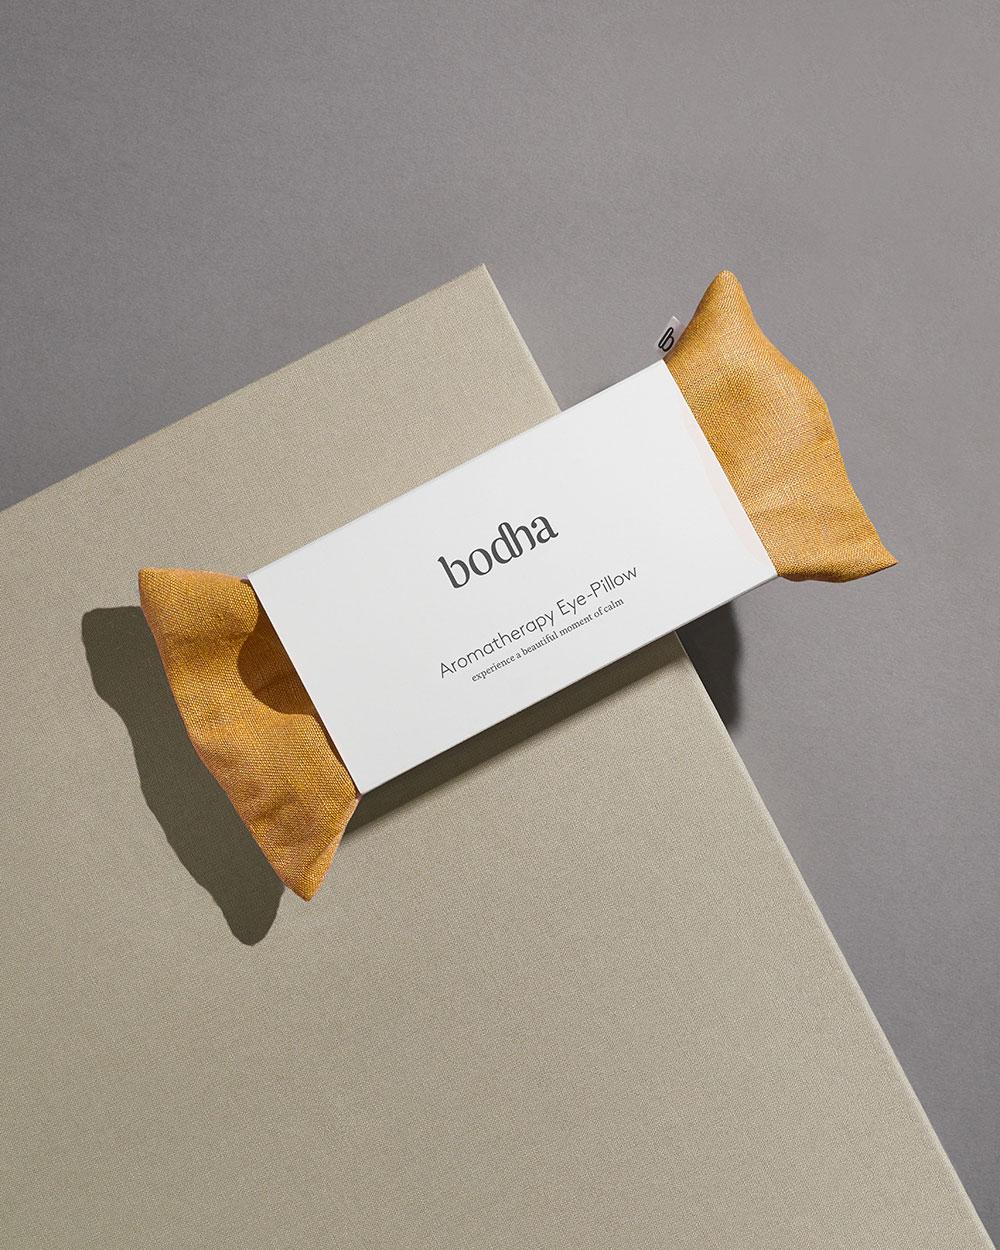 Bodha+Gold+Eye-Pillow.jpg